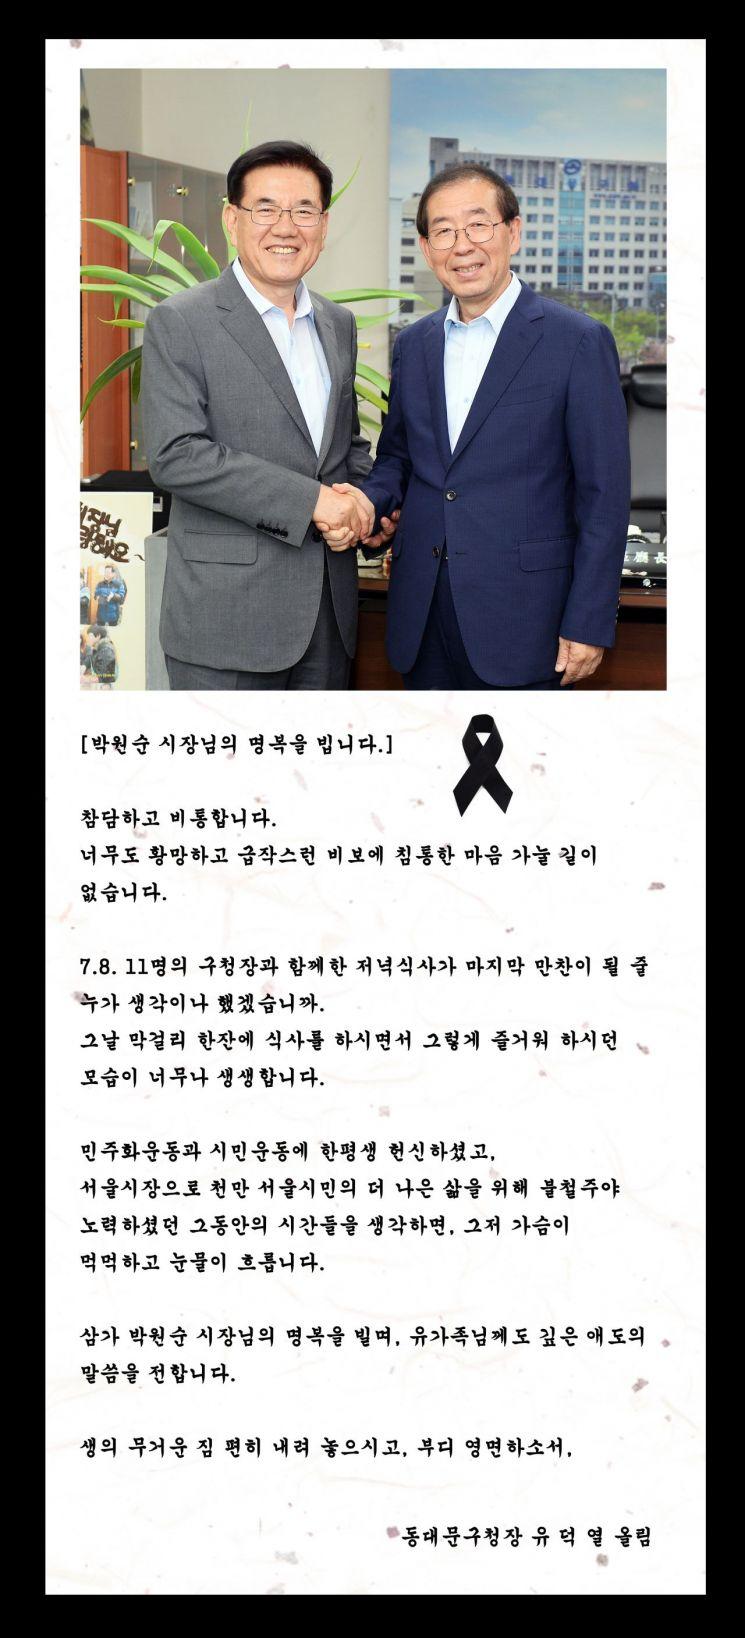 """유덕열 동대문구청장 """"참담하고 비통하다..."""""""